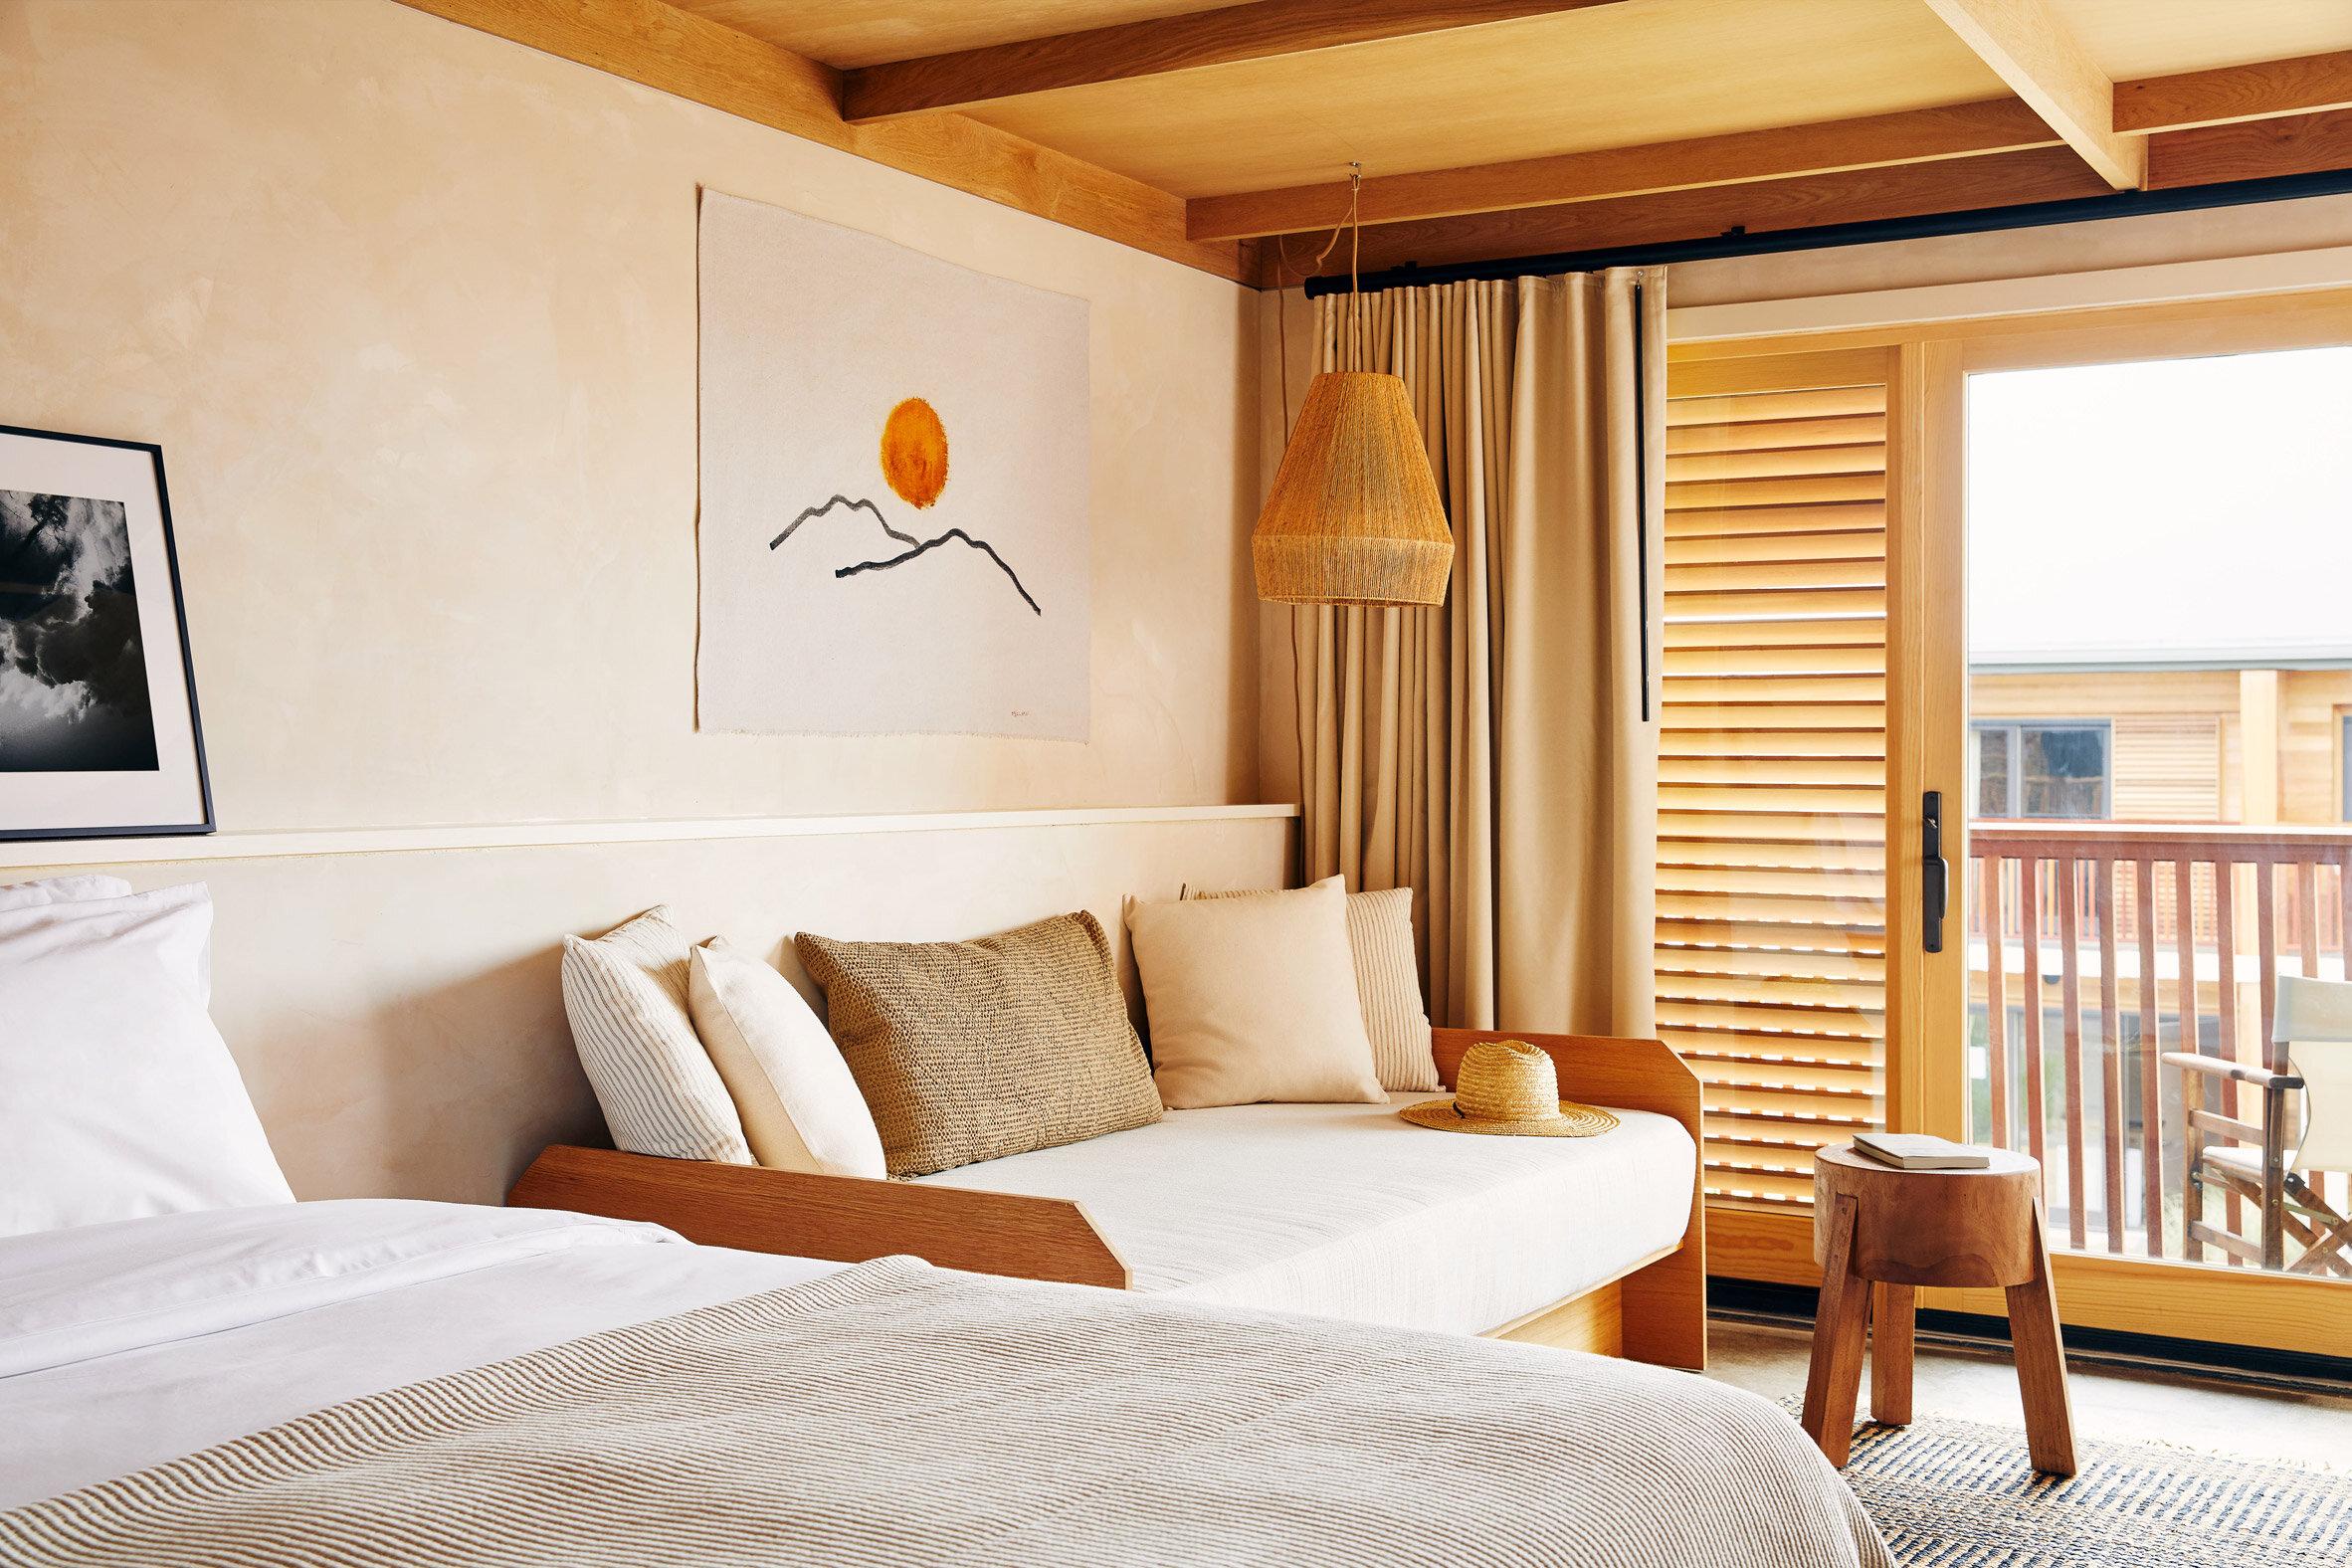 marram-hotel-bridgeton-studio-tack_dezeen_2364_col_2.jpg